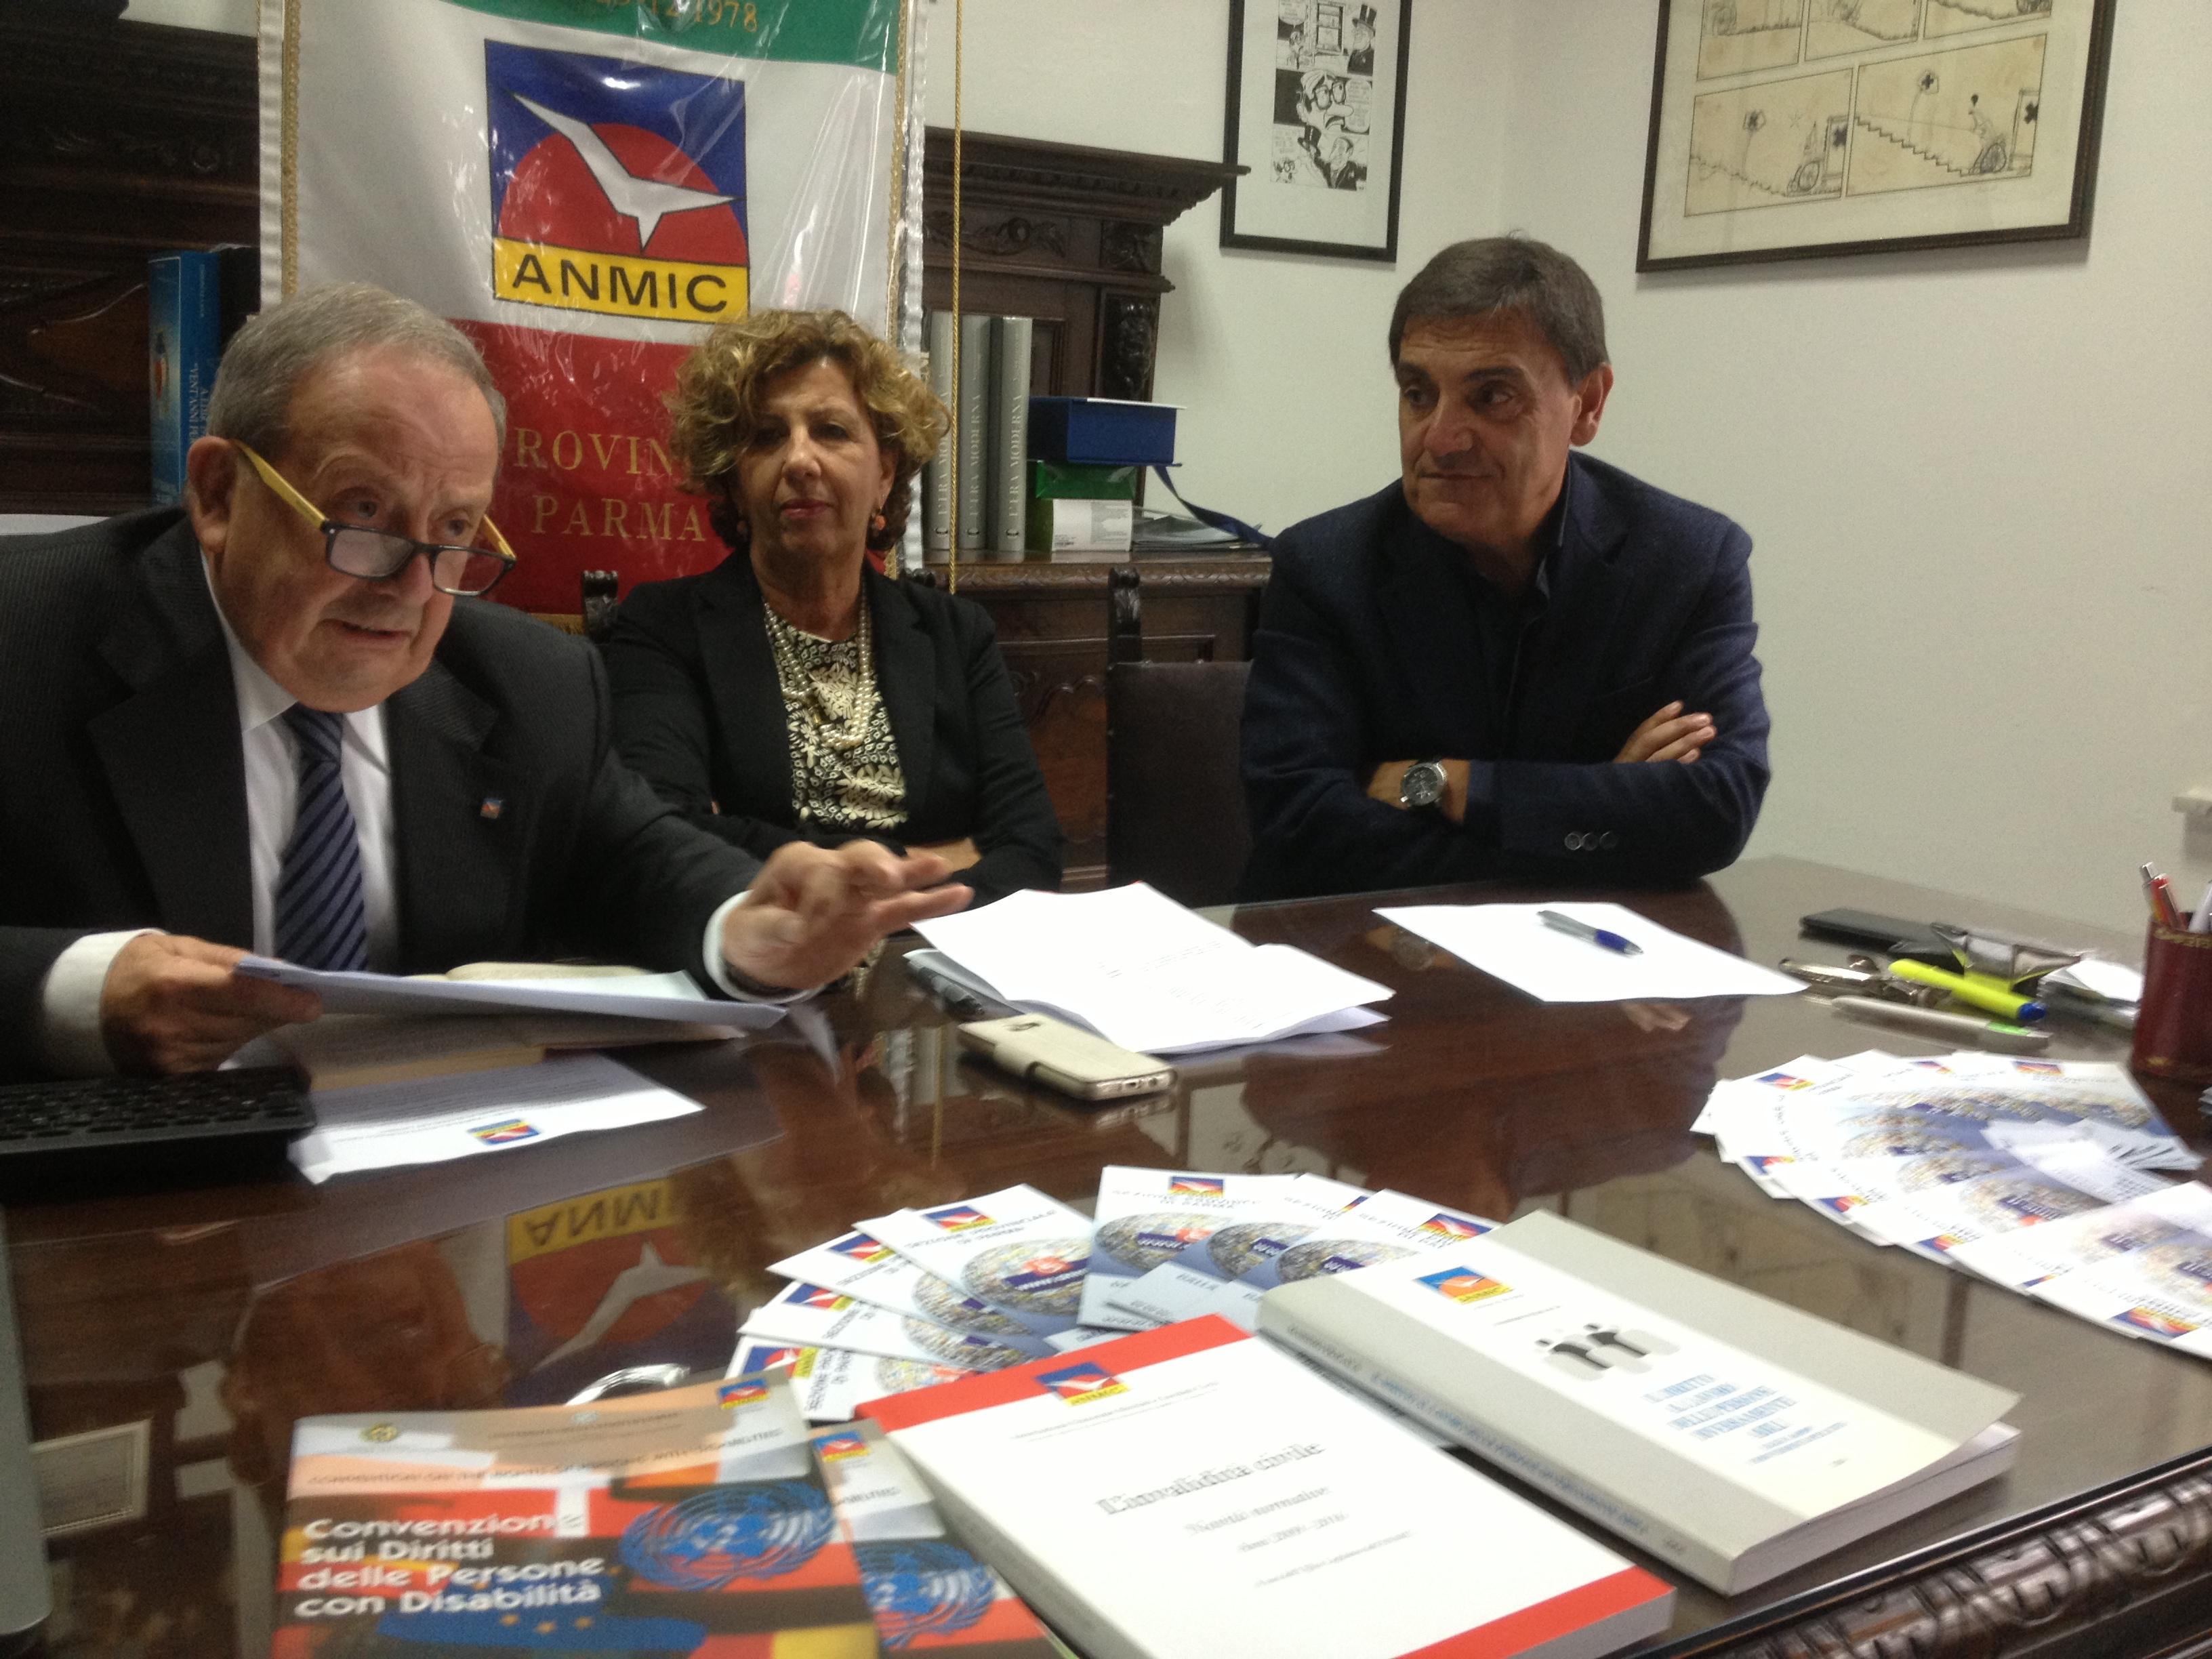 """Pagano a Parma: """"Questa città è chiave per le riforme sul lavoro"""""""